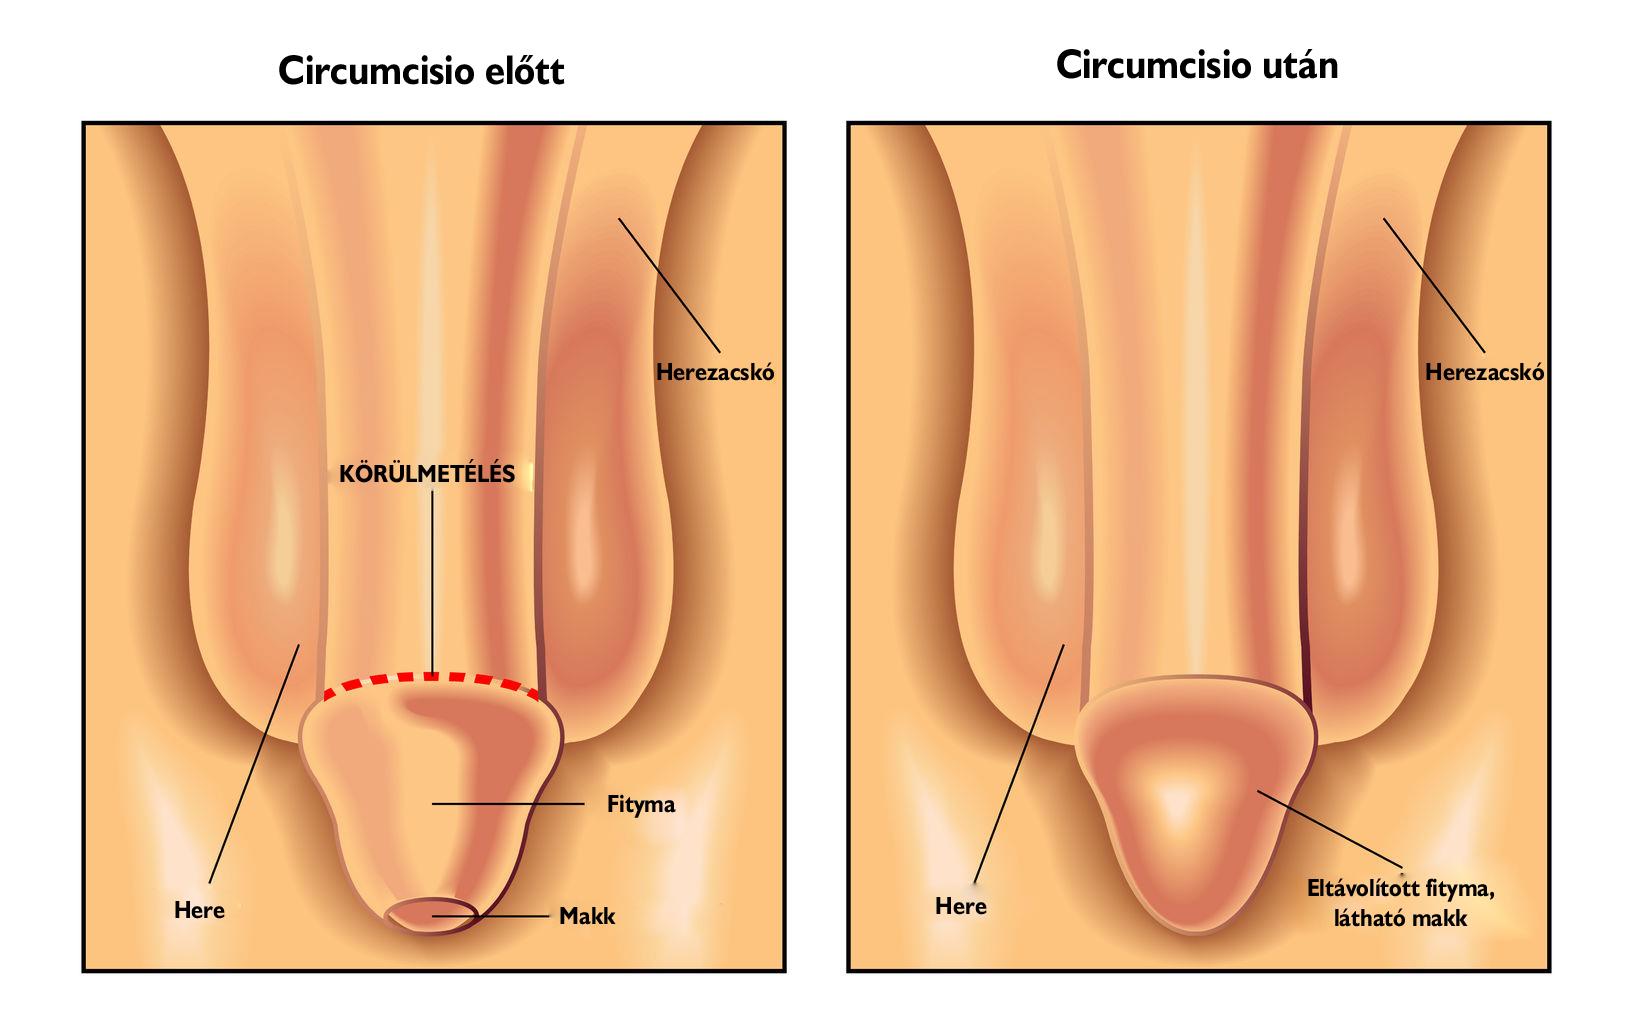 férfi pénisz tanulmányok merevedés csak stimulálva